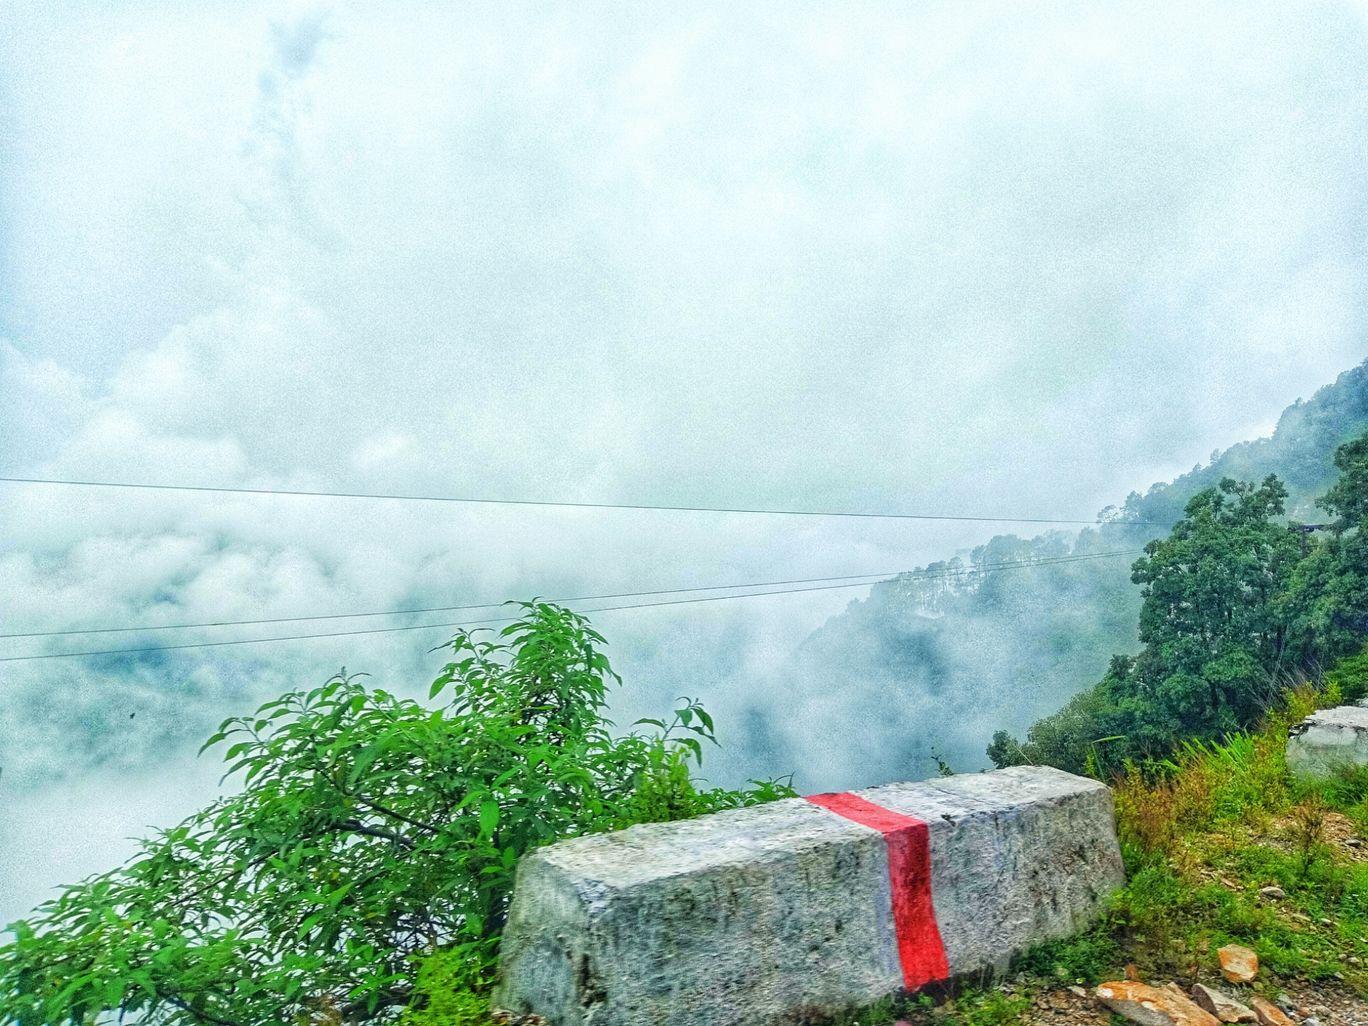 Photo of Jharipani Fall By Mohit kumar pal